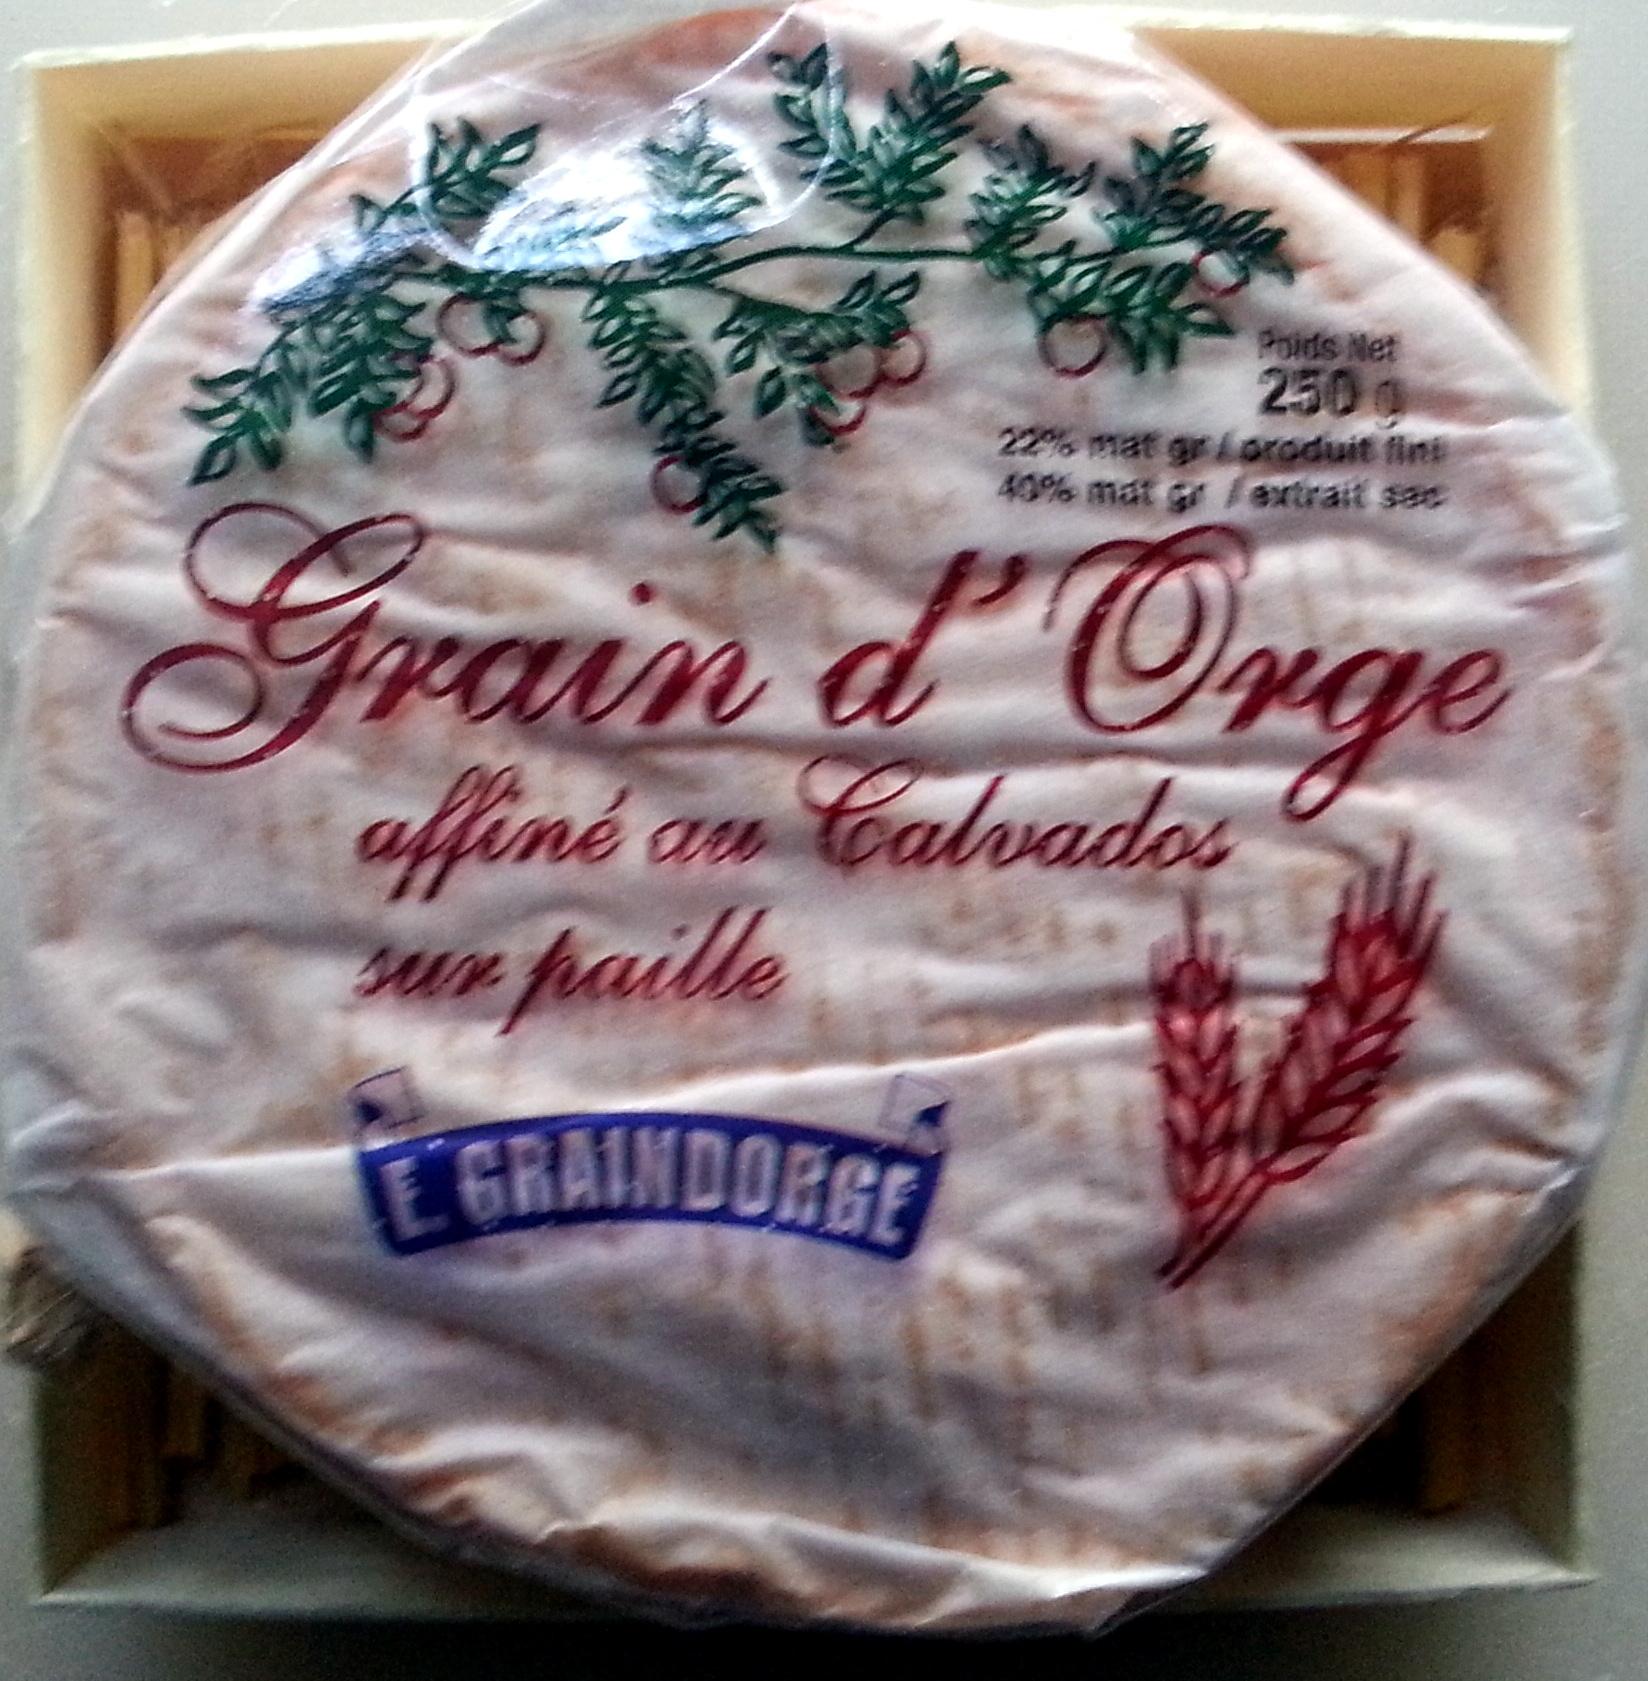 Grain d'Orge affiné au Calvados sur paille (22 % MG) - Product - fr